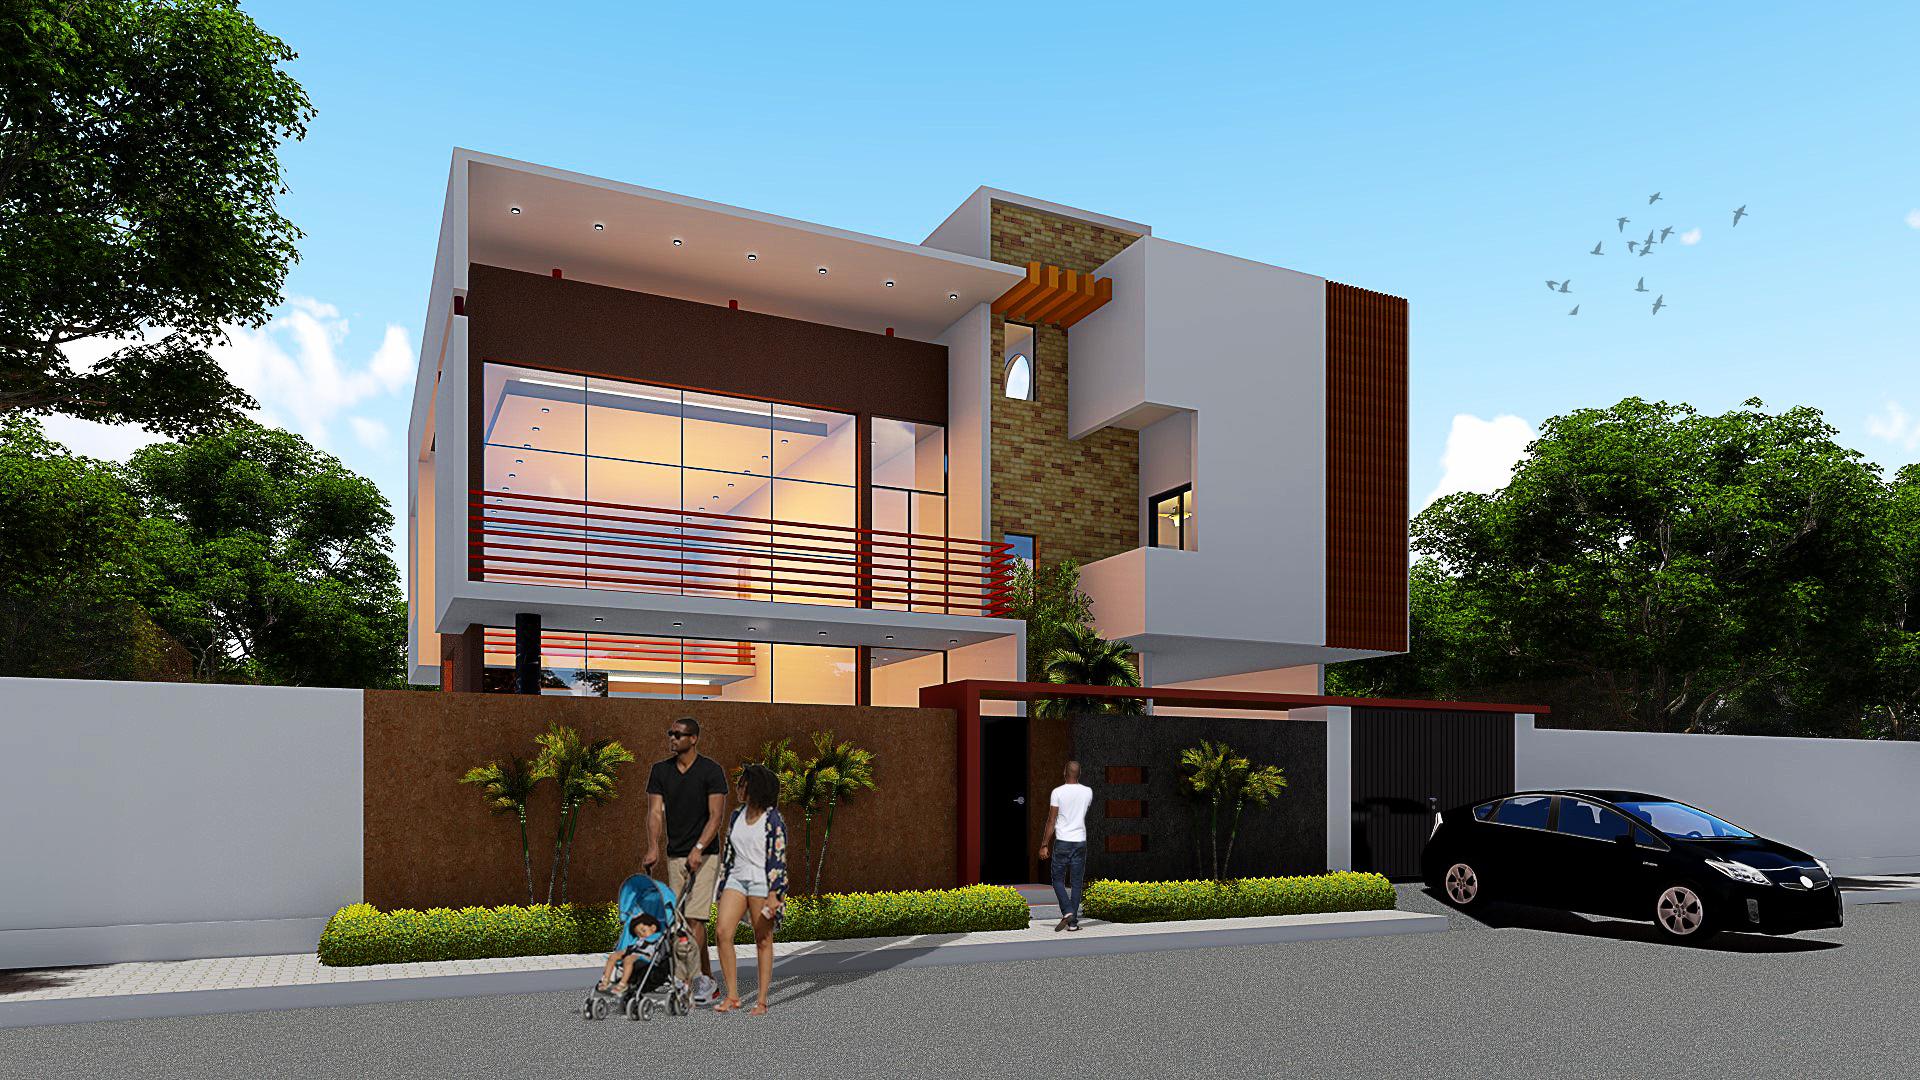 Projets-residentiels-11